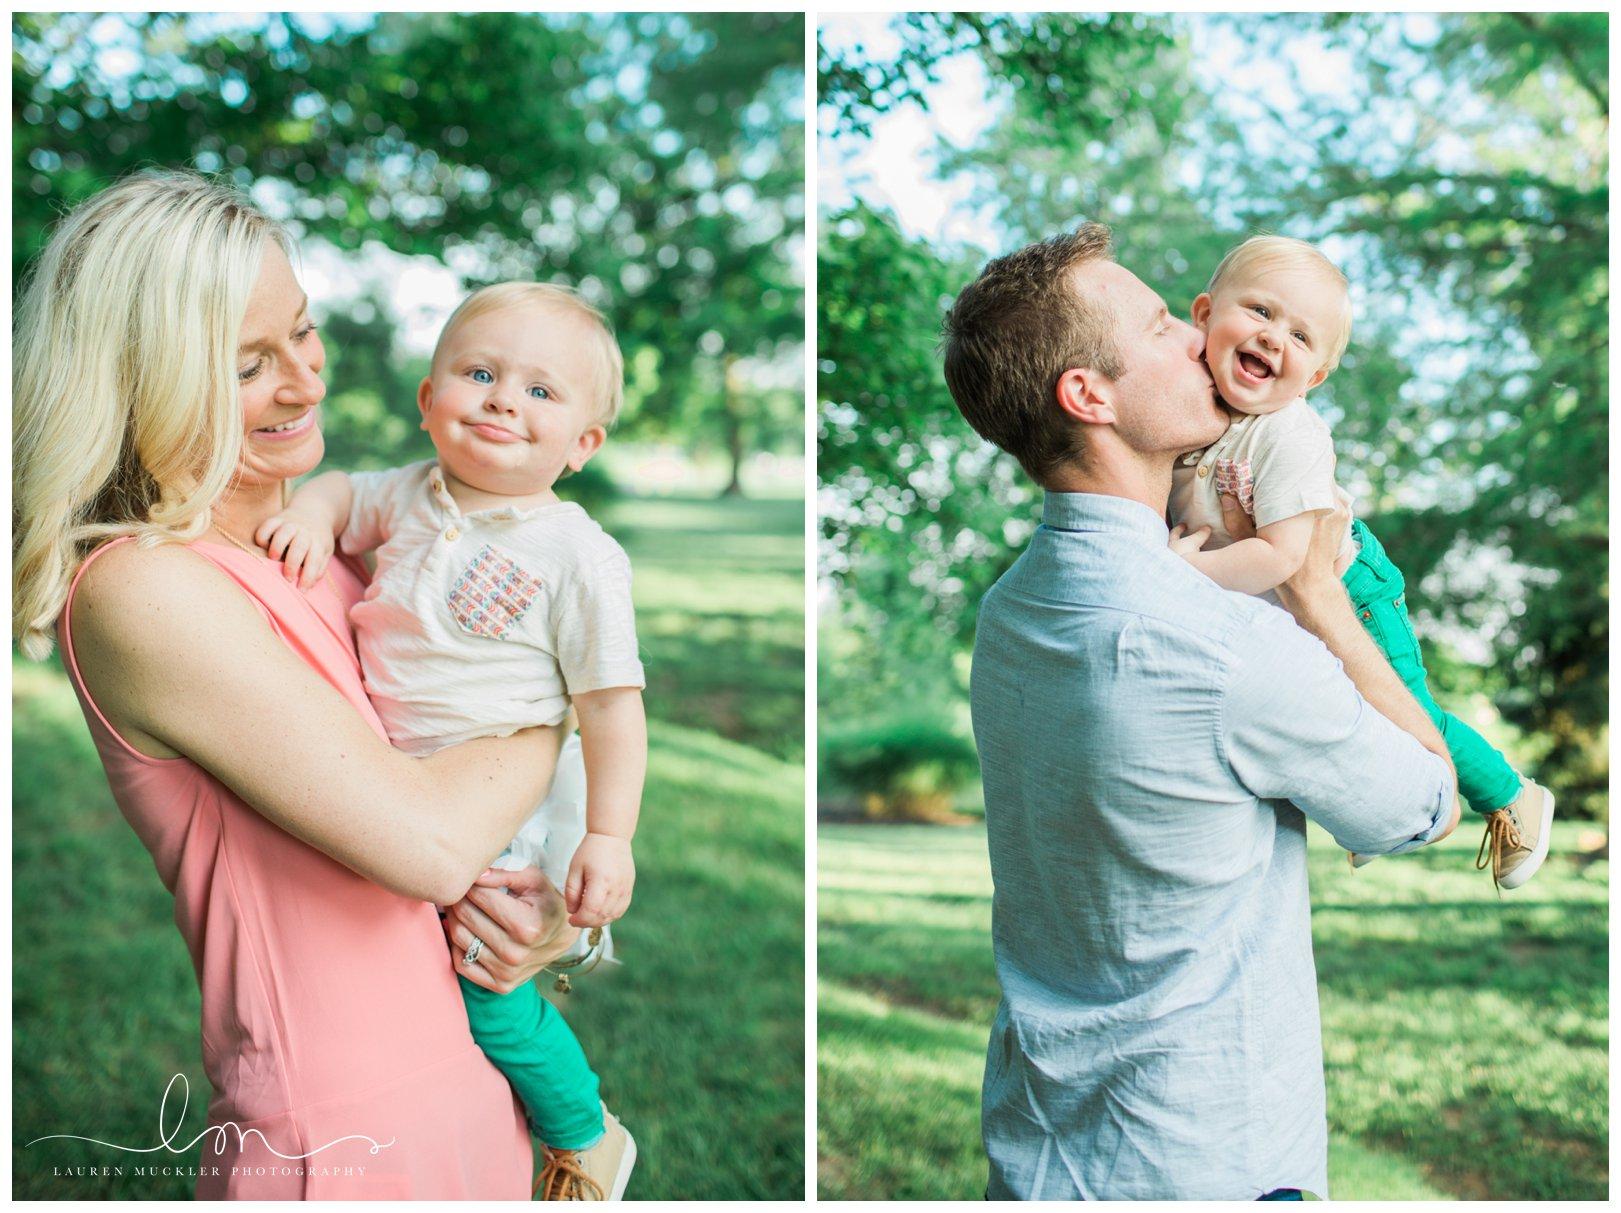 lauren muckler photography_fine art film wedding photography_st louis_photography_0336.jpg